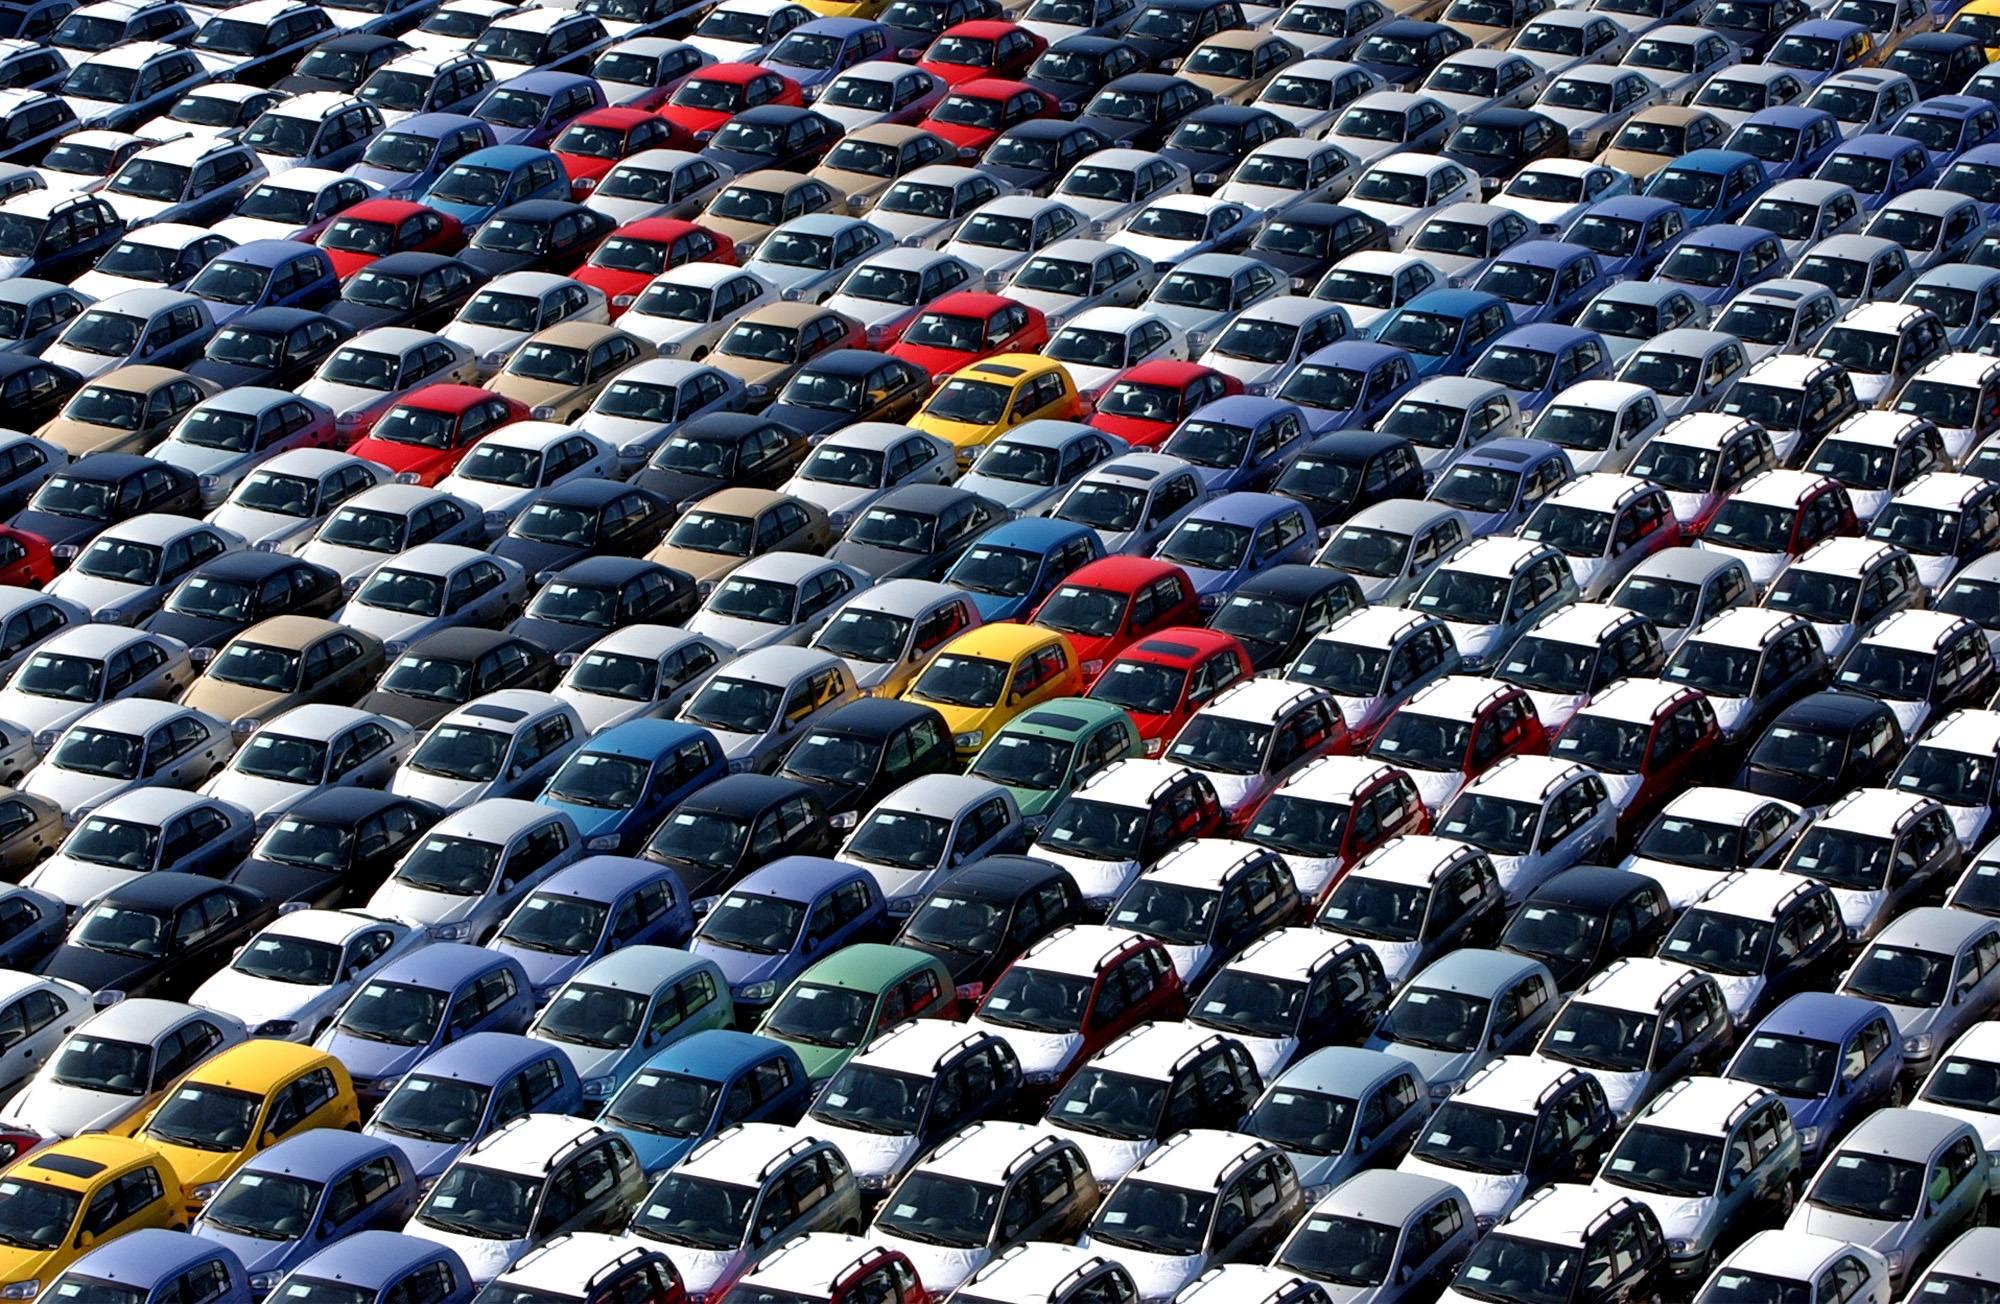 Mercato dell'auto, in Europa cresce del 6% in soli otto mesi. Solo ad agosto si registra uno + 2,1%